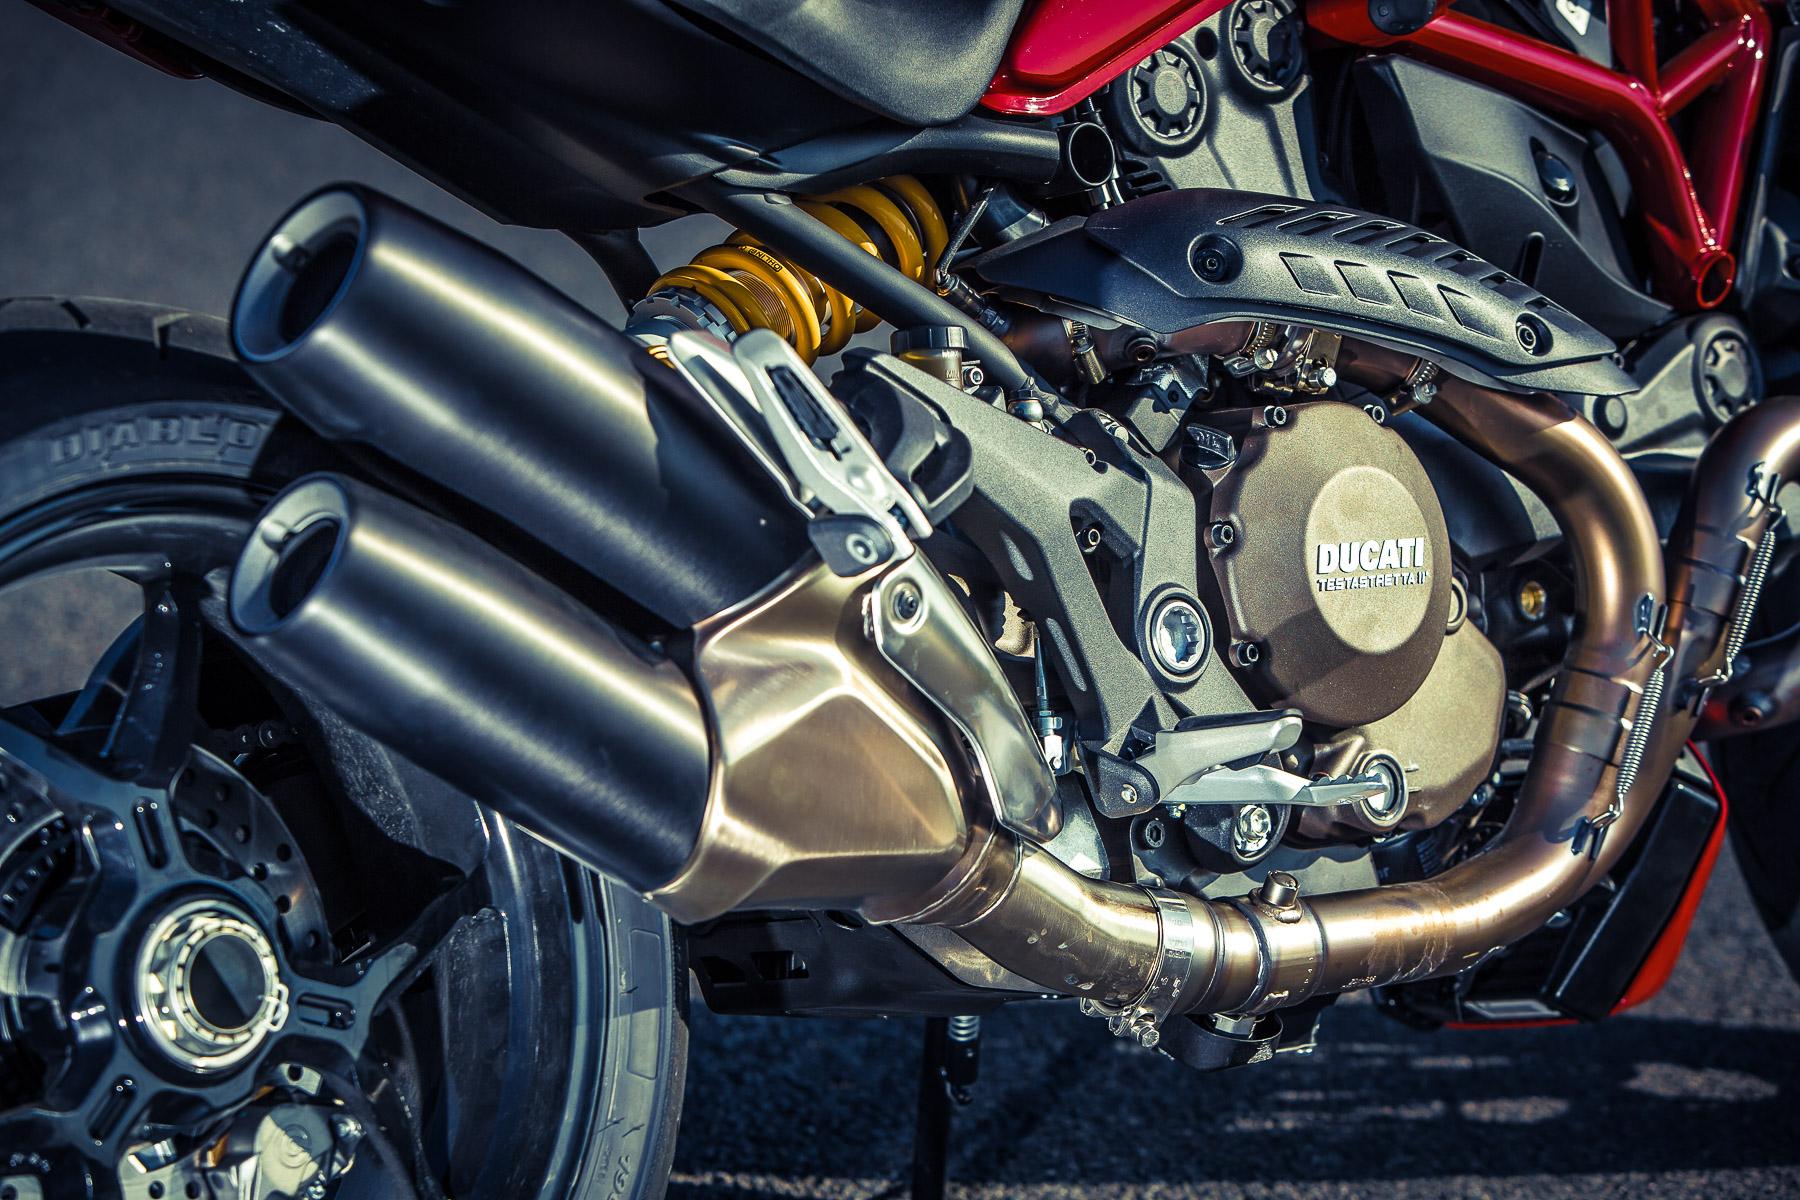 DucatiMonster1200s-0856.jpg